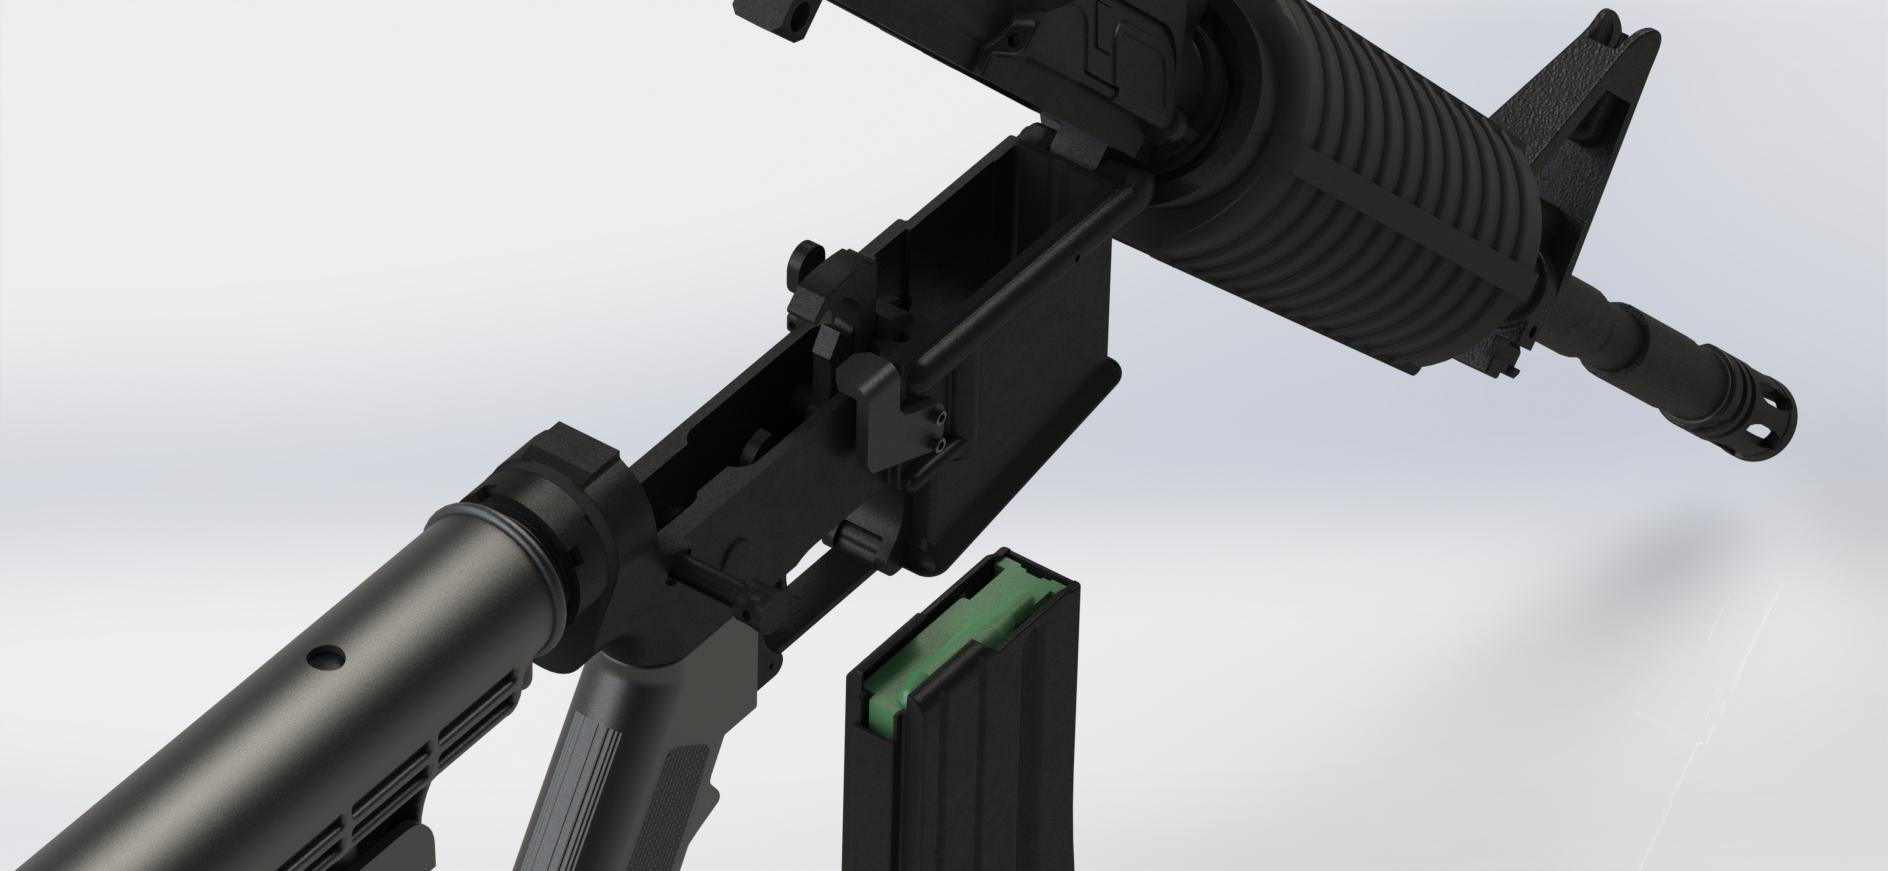 AR-15 with maglock4.JPG